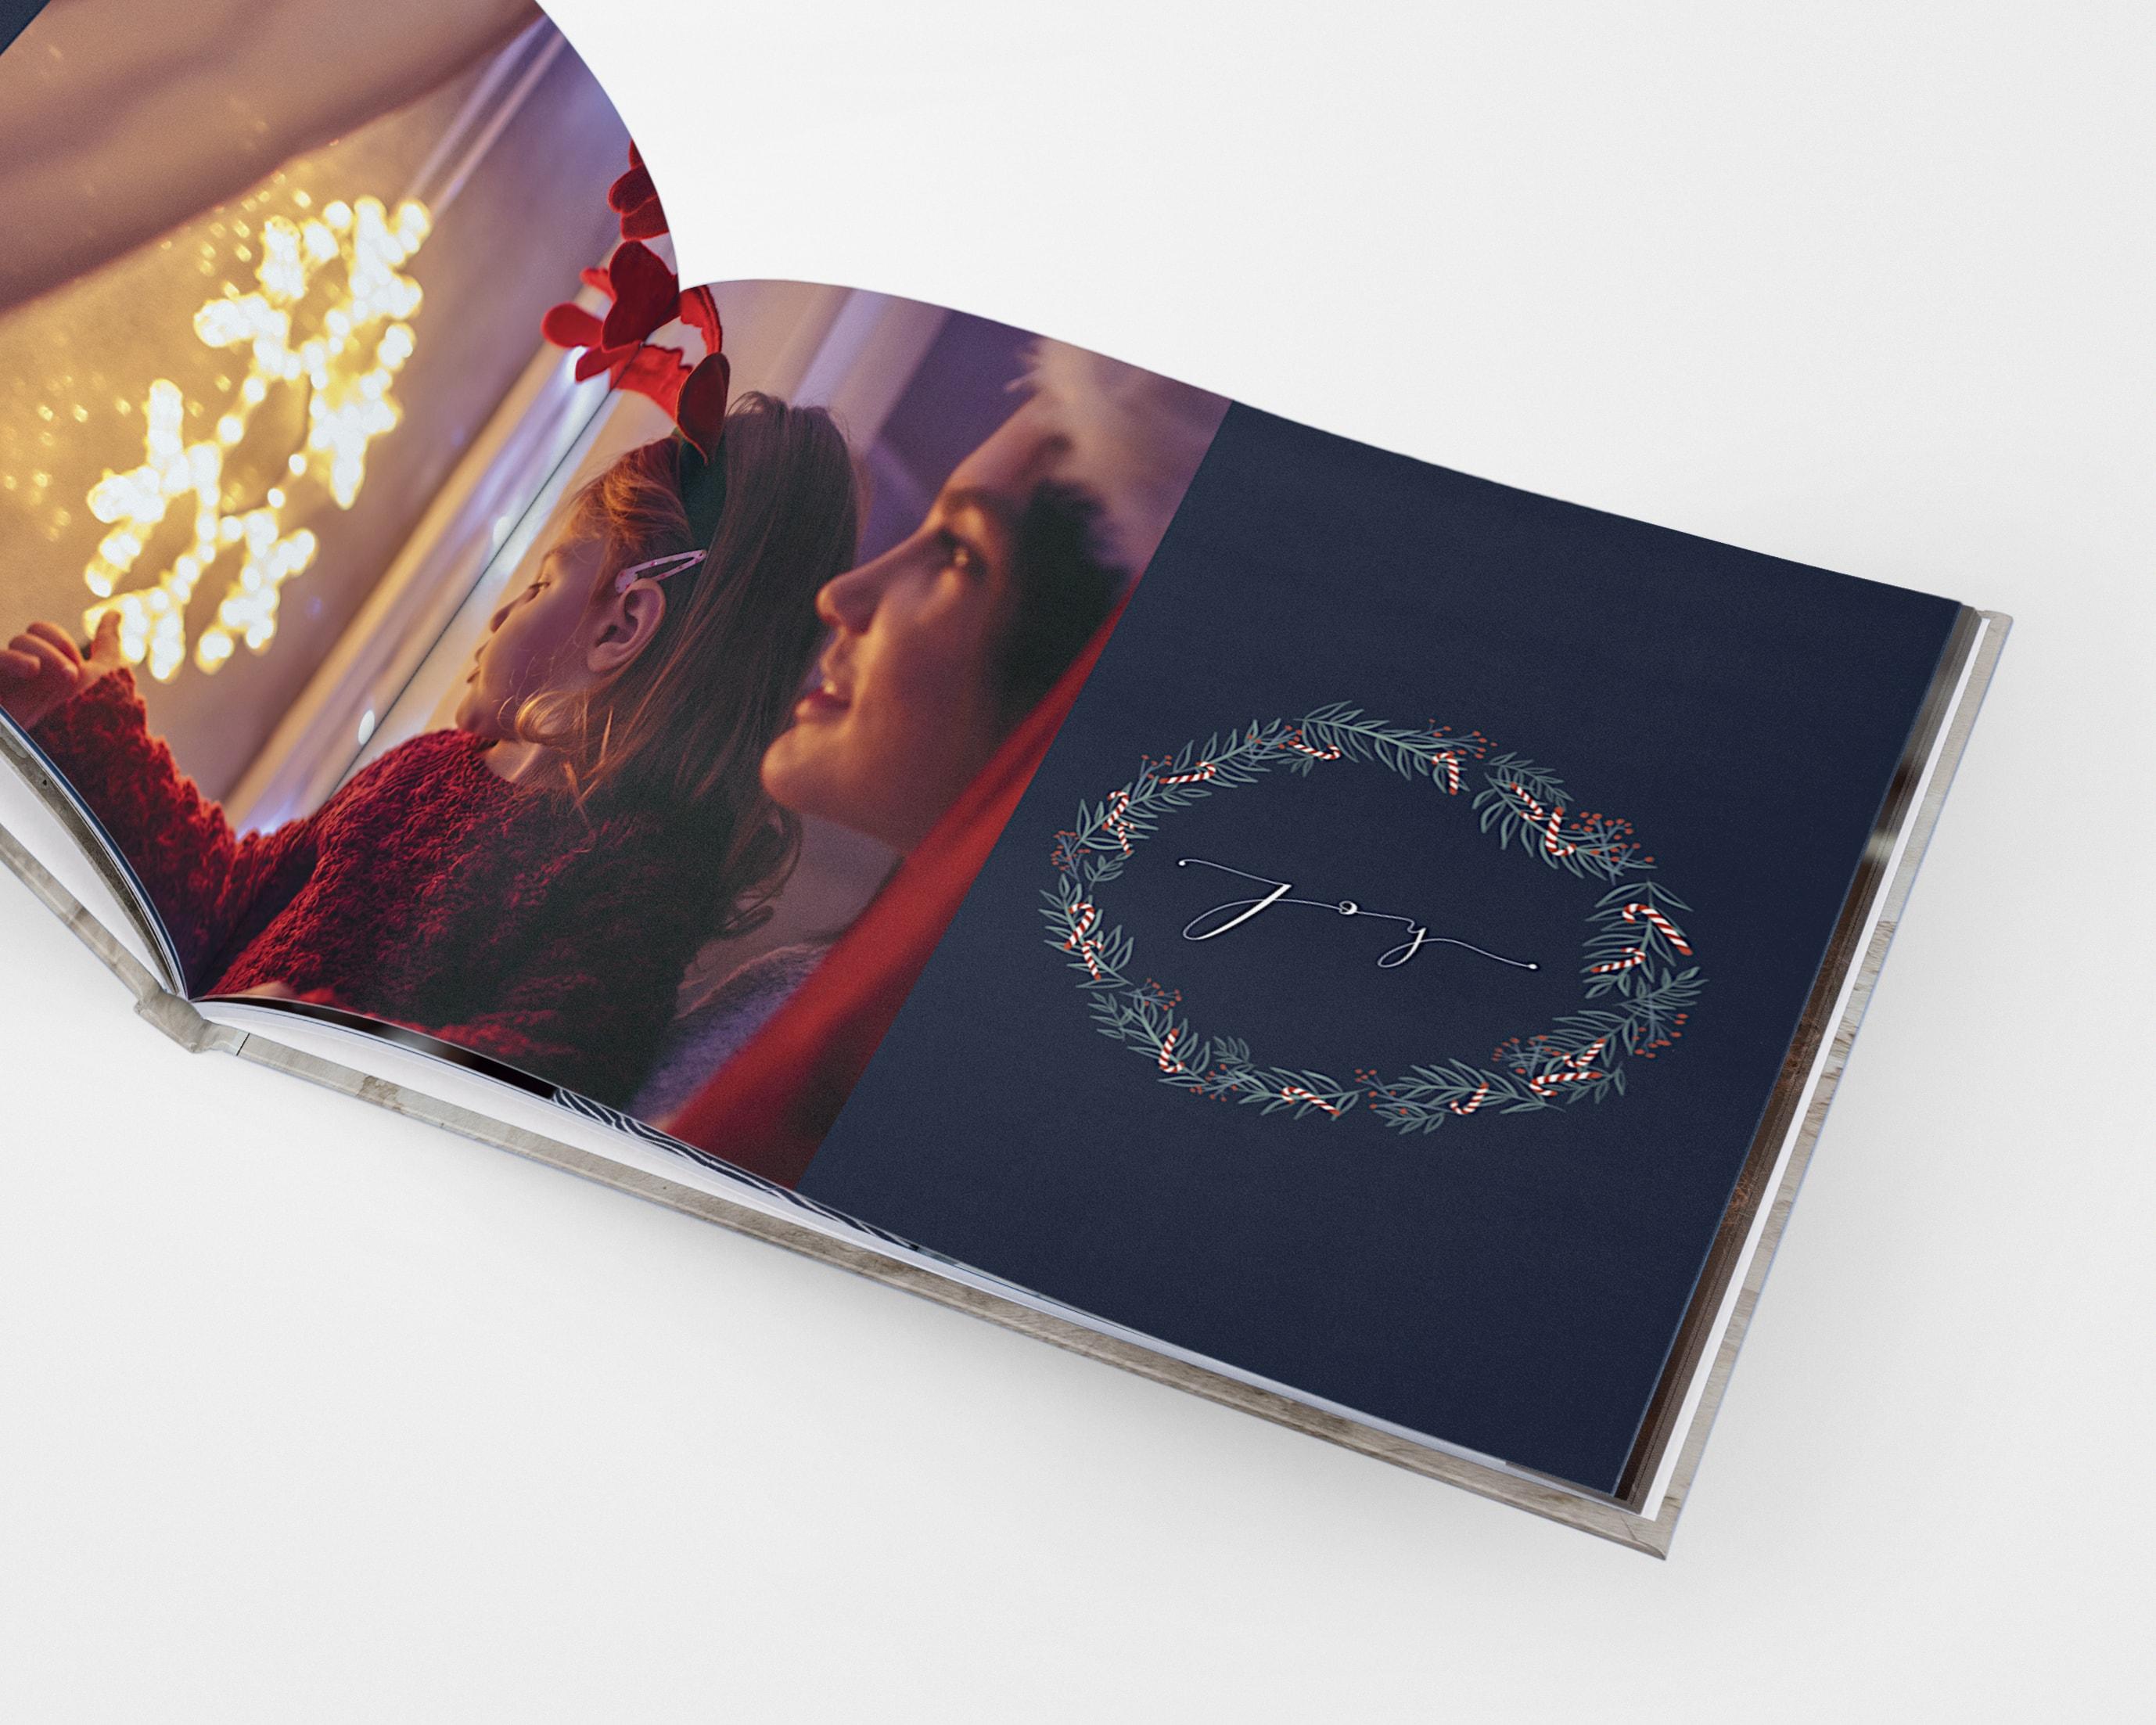 f09f6cff9 Tips til de som kjøper julegaver i siste liten | fotoknudsen